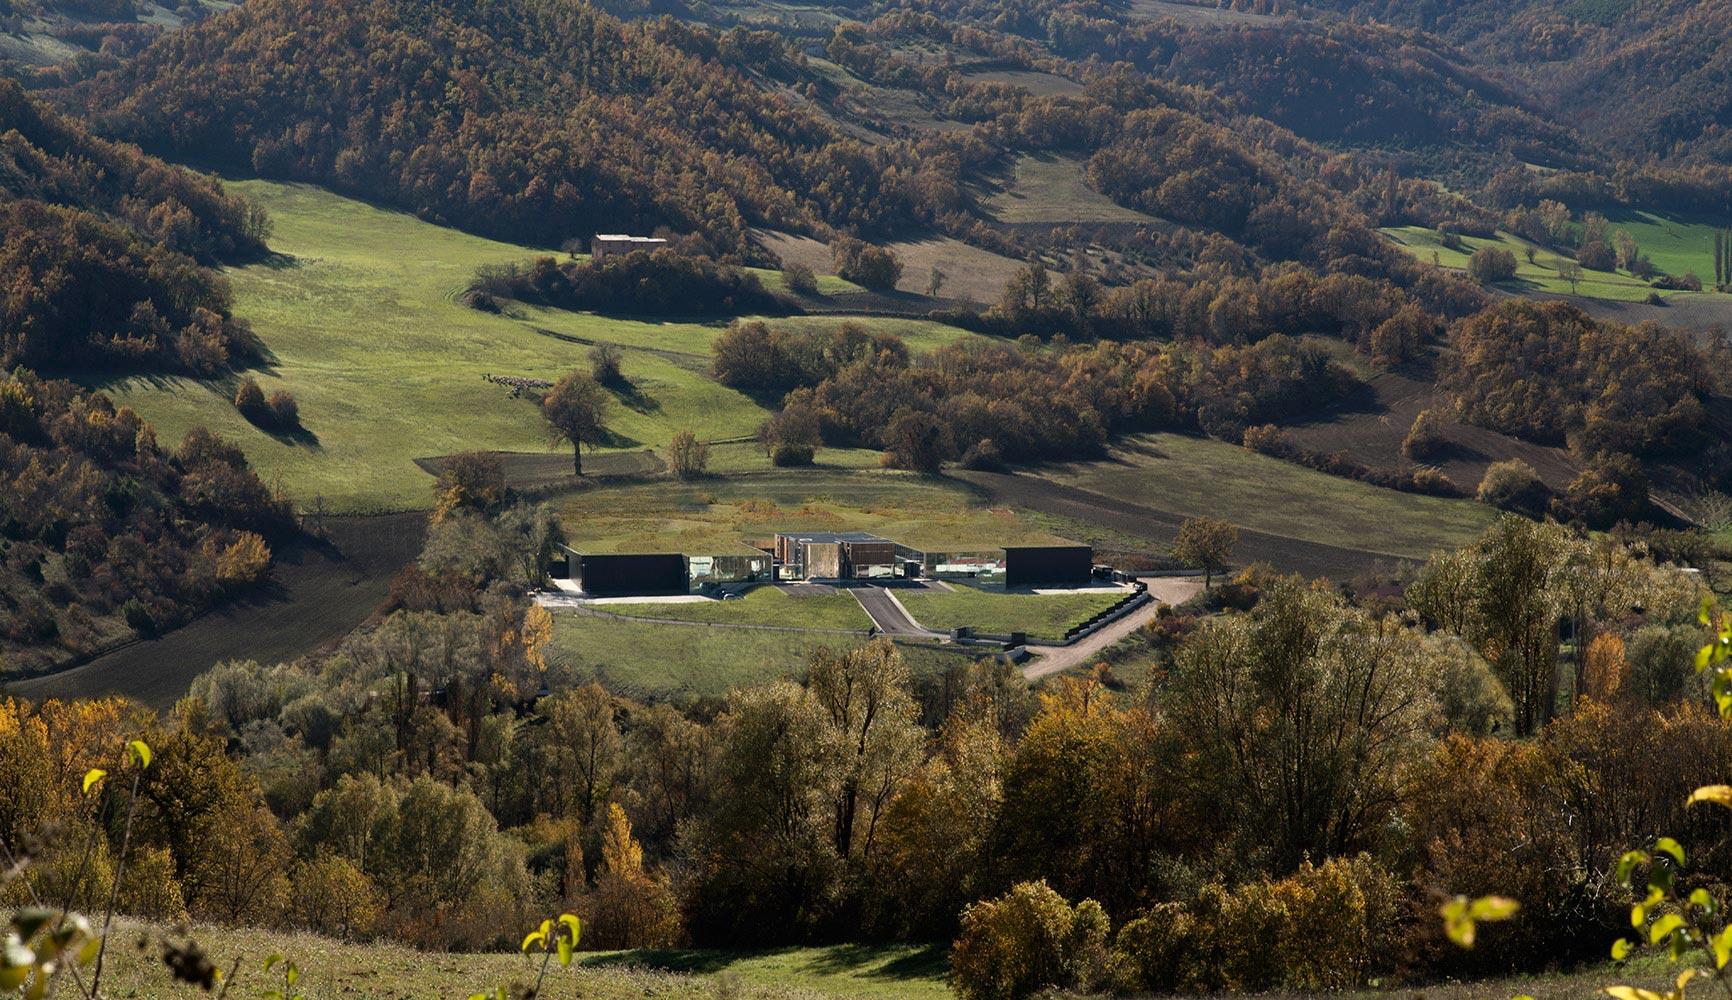 Vista dell'opificio ricavato dal pendio della collina, oggi quasi interamente mimetizzato con essa